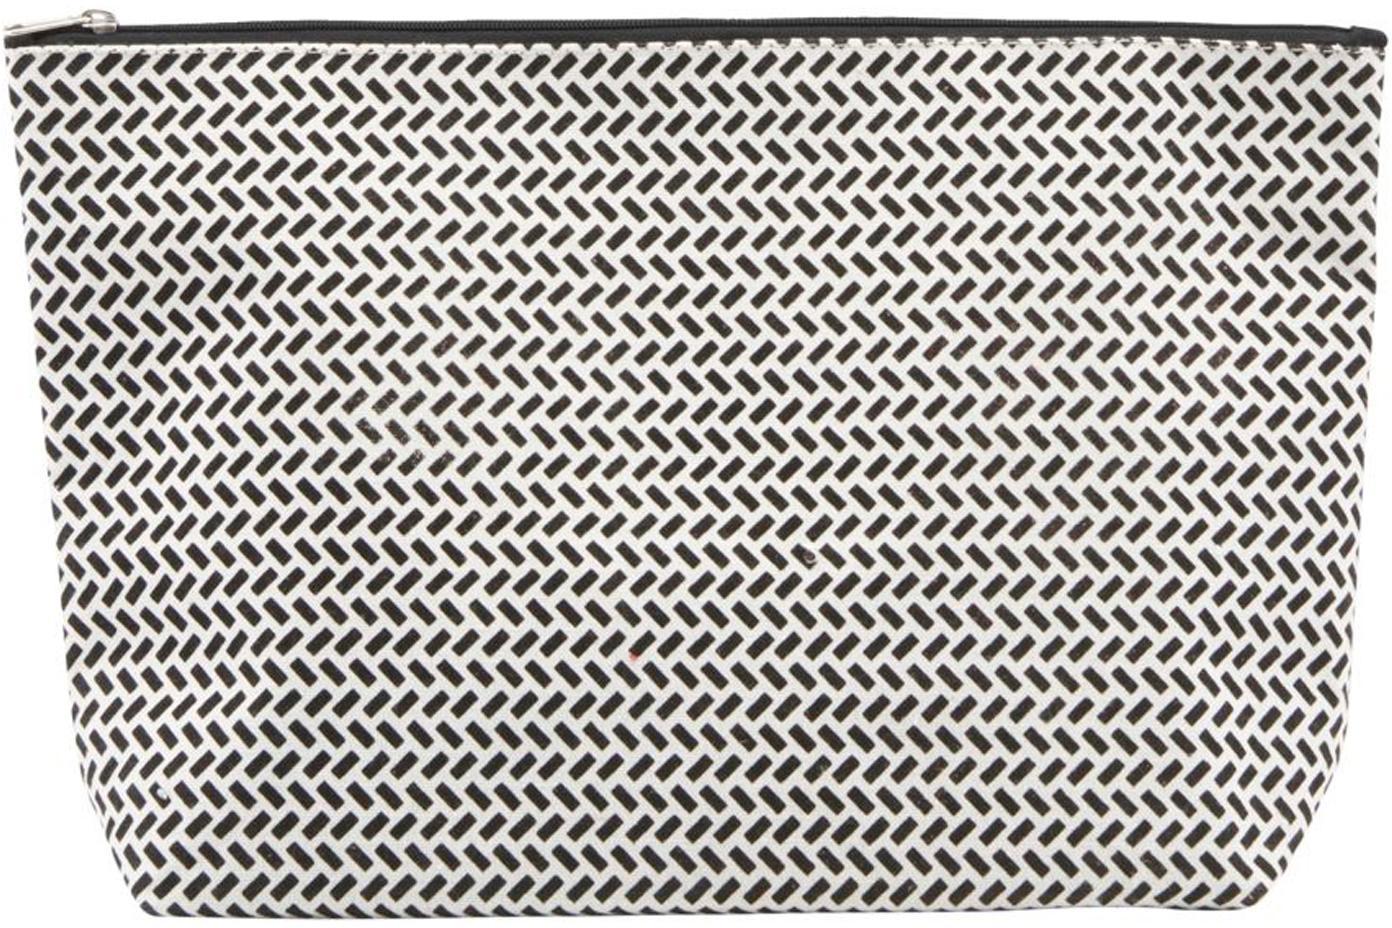 Portatrucchi con cerniera Paran, 38% cotone, 40% poliestere, 22% rayon, Nero, bianco, Larg. 32 x Alt. 20 cm